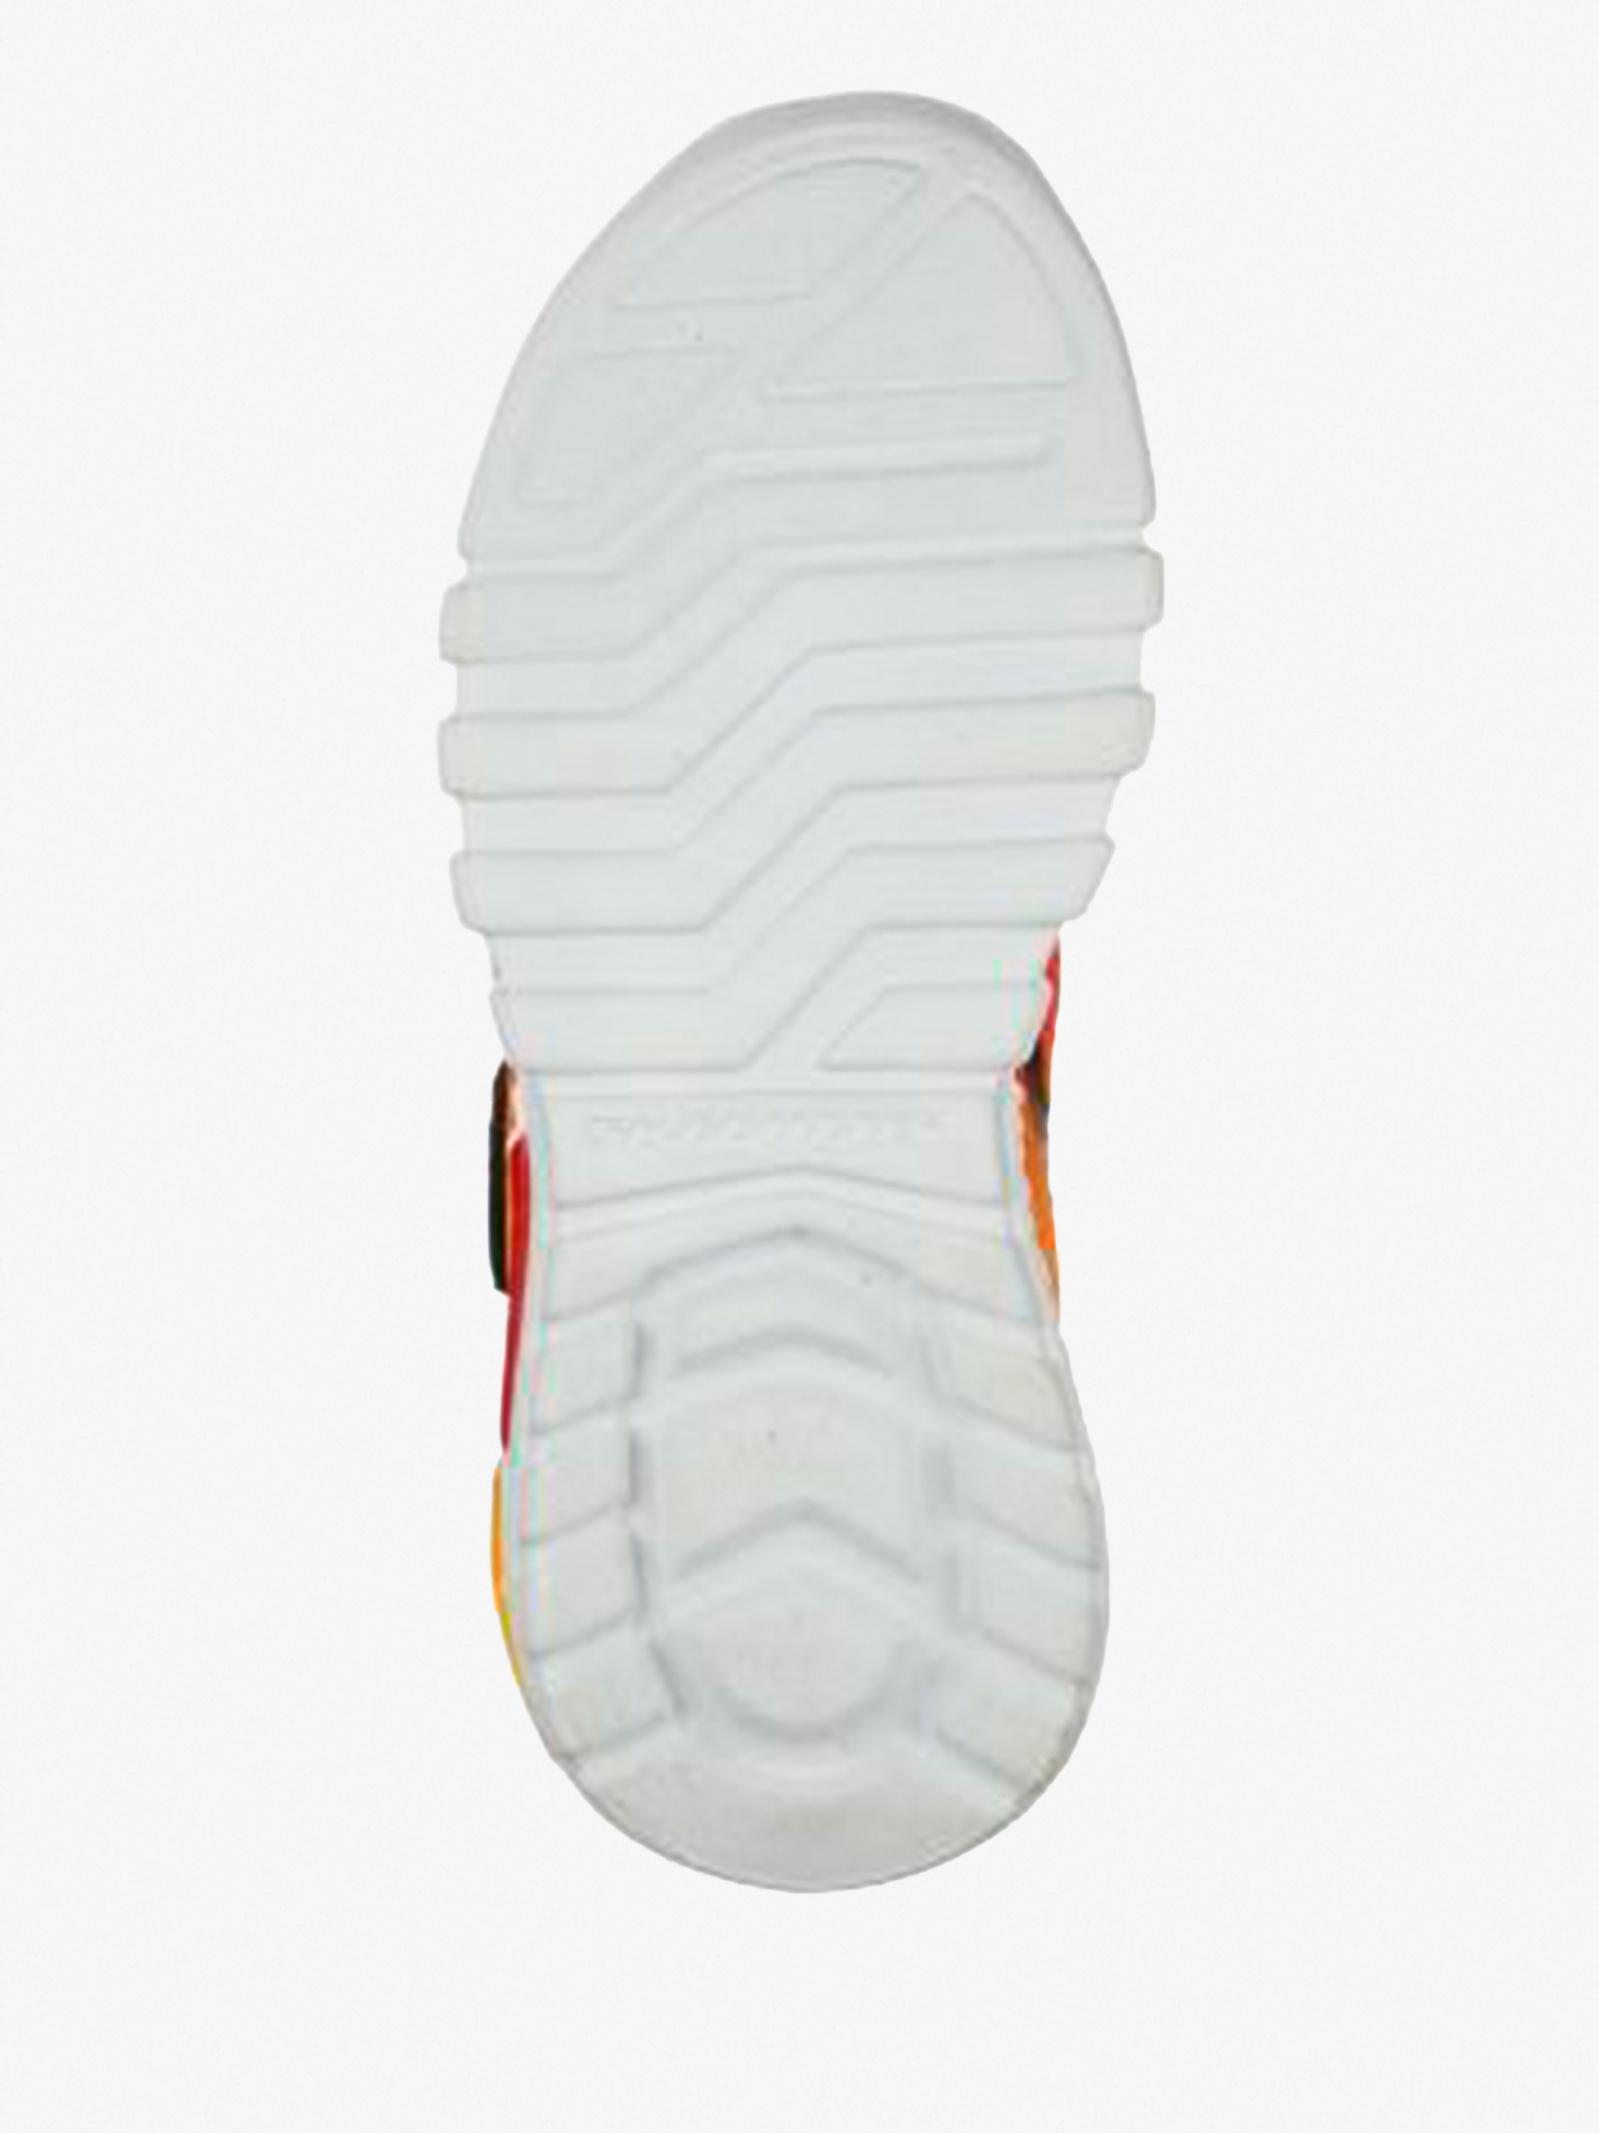 Кроссовки детские Skechers 400016L BKRD брендовая обувь, 2017